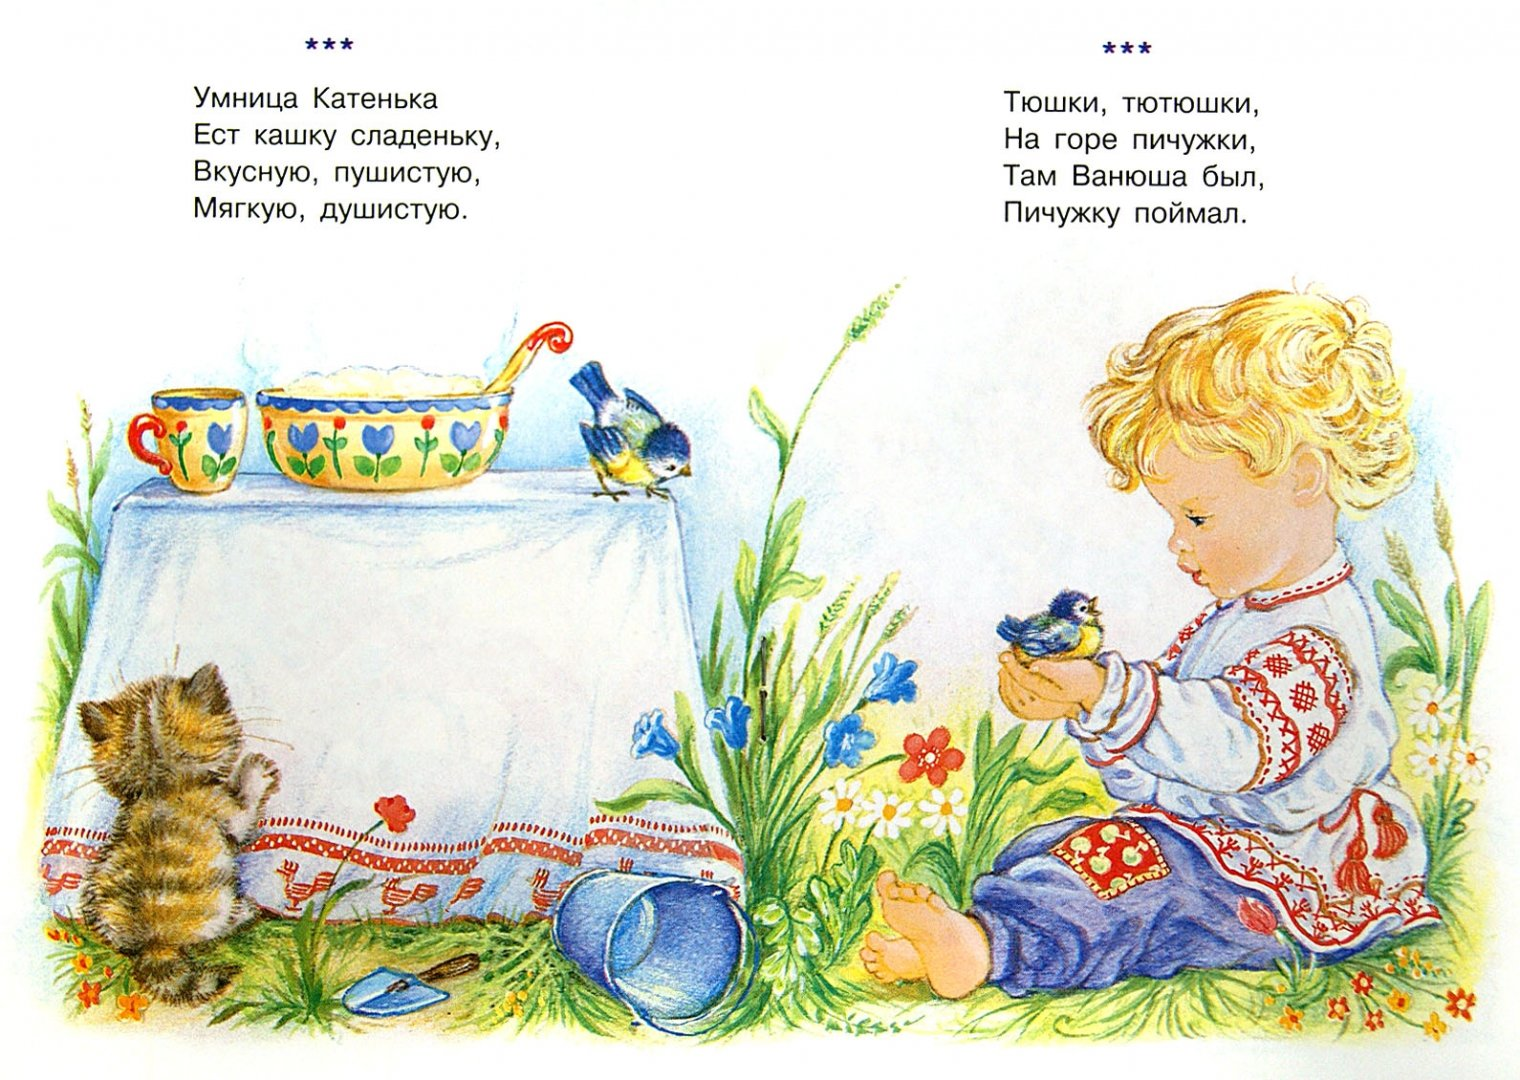 Иллюстрация 1 из 30 для Ах ты, моя деточка! | Лабиринт - книги. Источник: Лабиринт